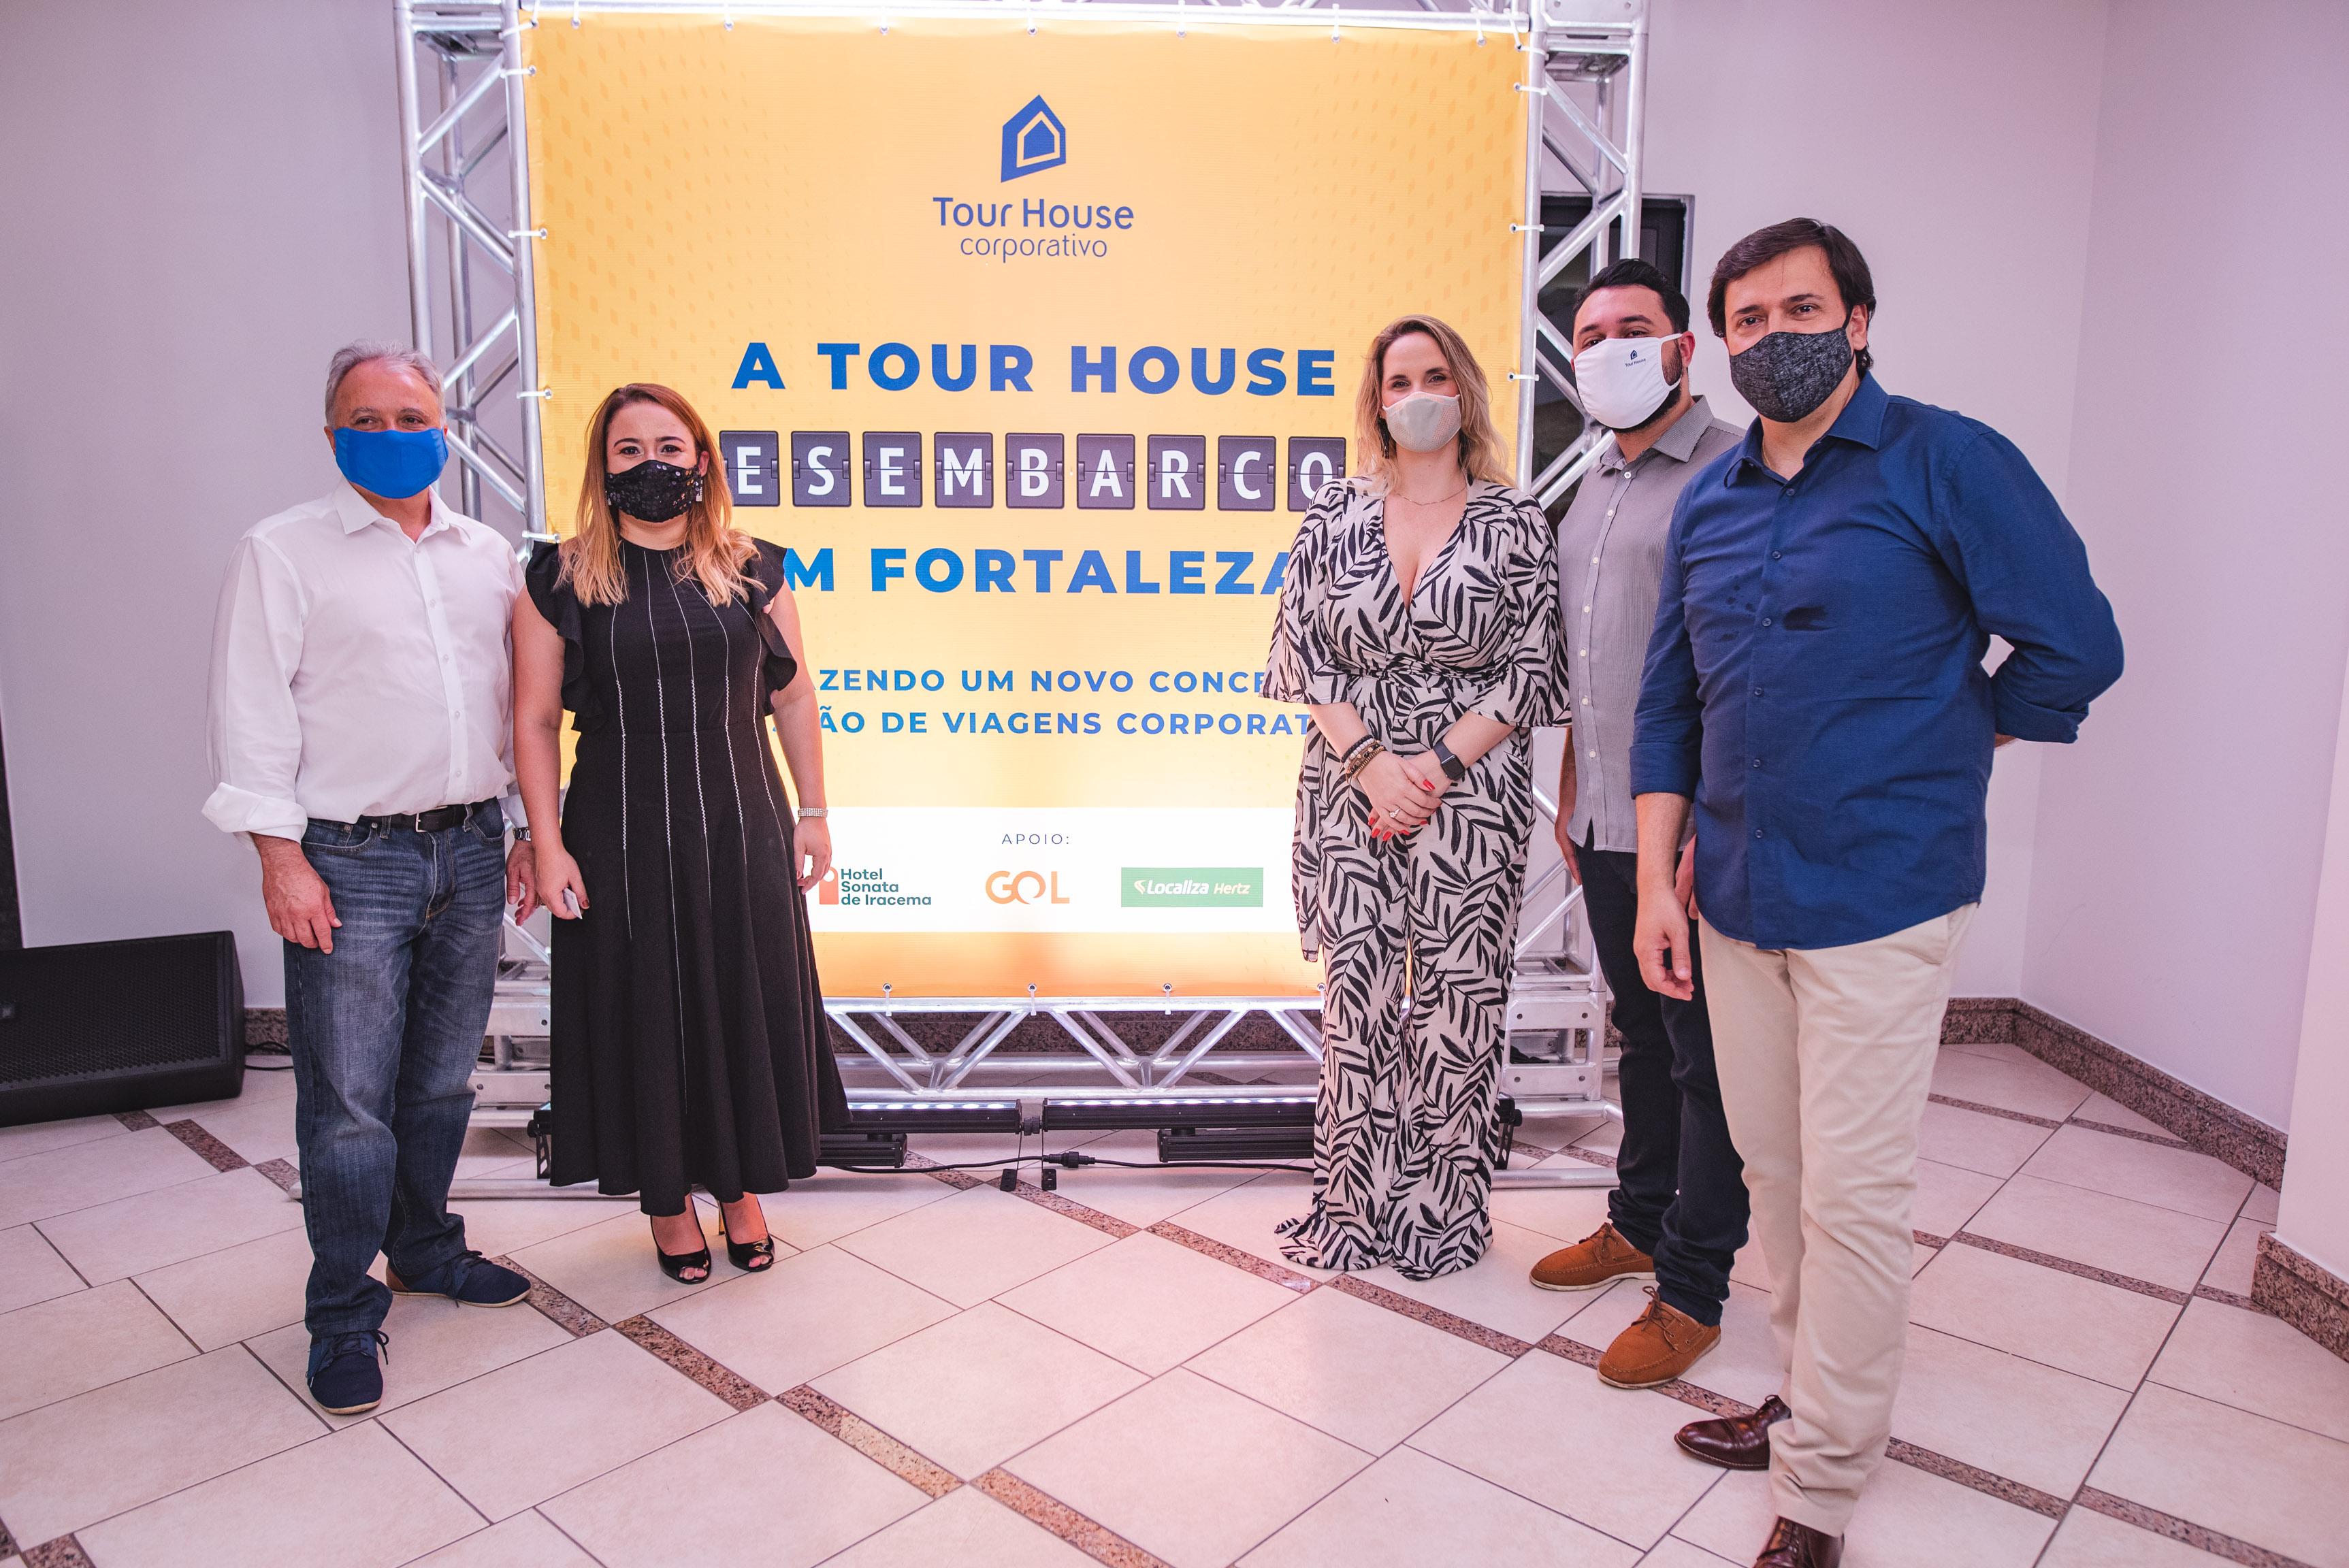 Carlos Prado, Camila Fernandes, Alexandra Bosschart, Vinicius Goncalves E Alexandre Motta